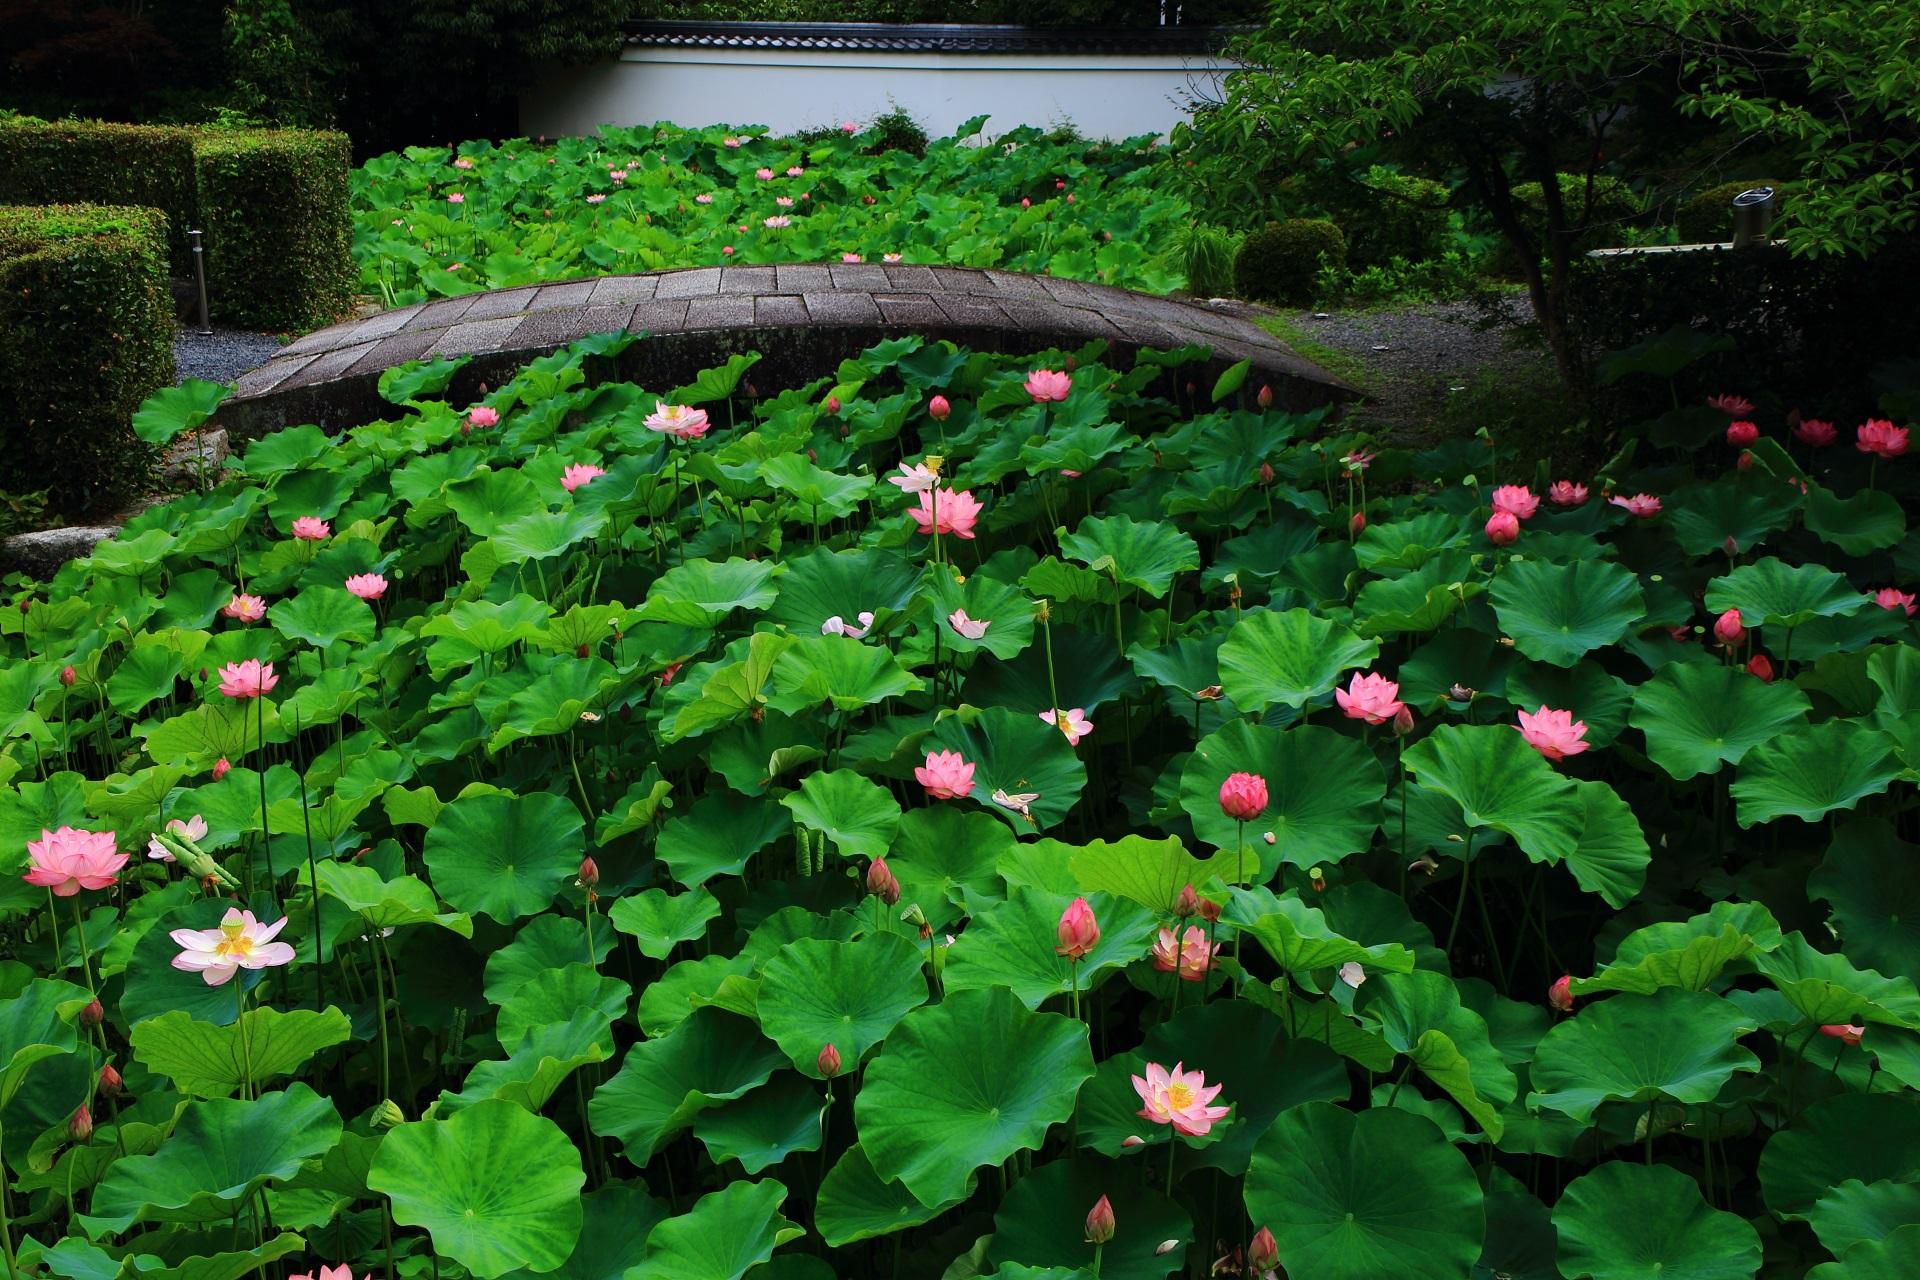 南禅寺 蓮 名所の片隅で咲くハスの花